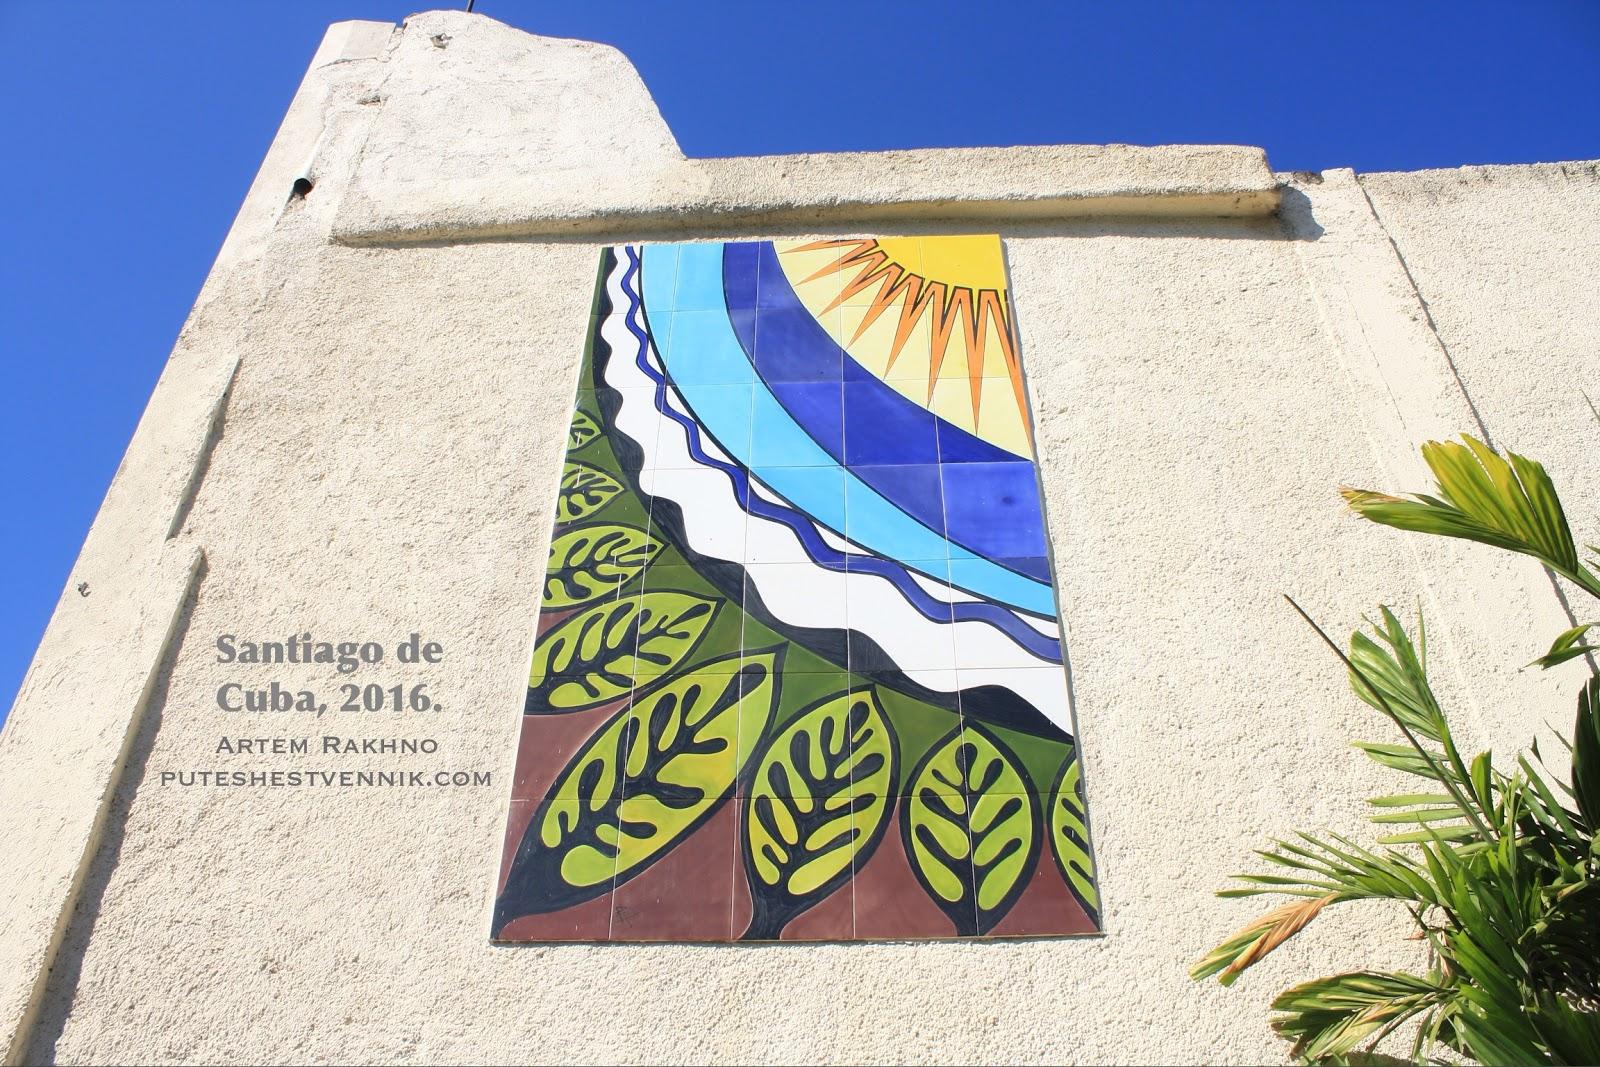 Картина на стене в Сантьяго